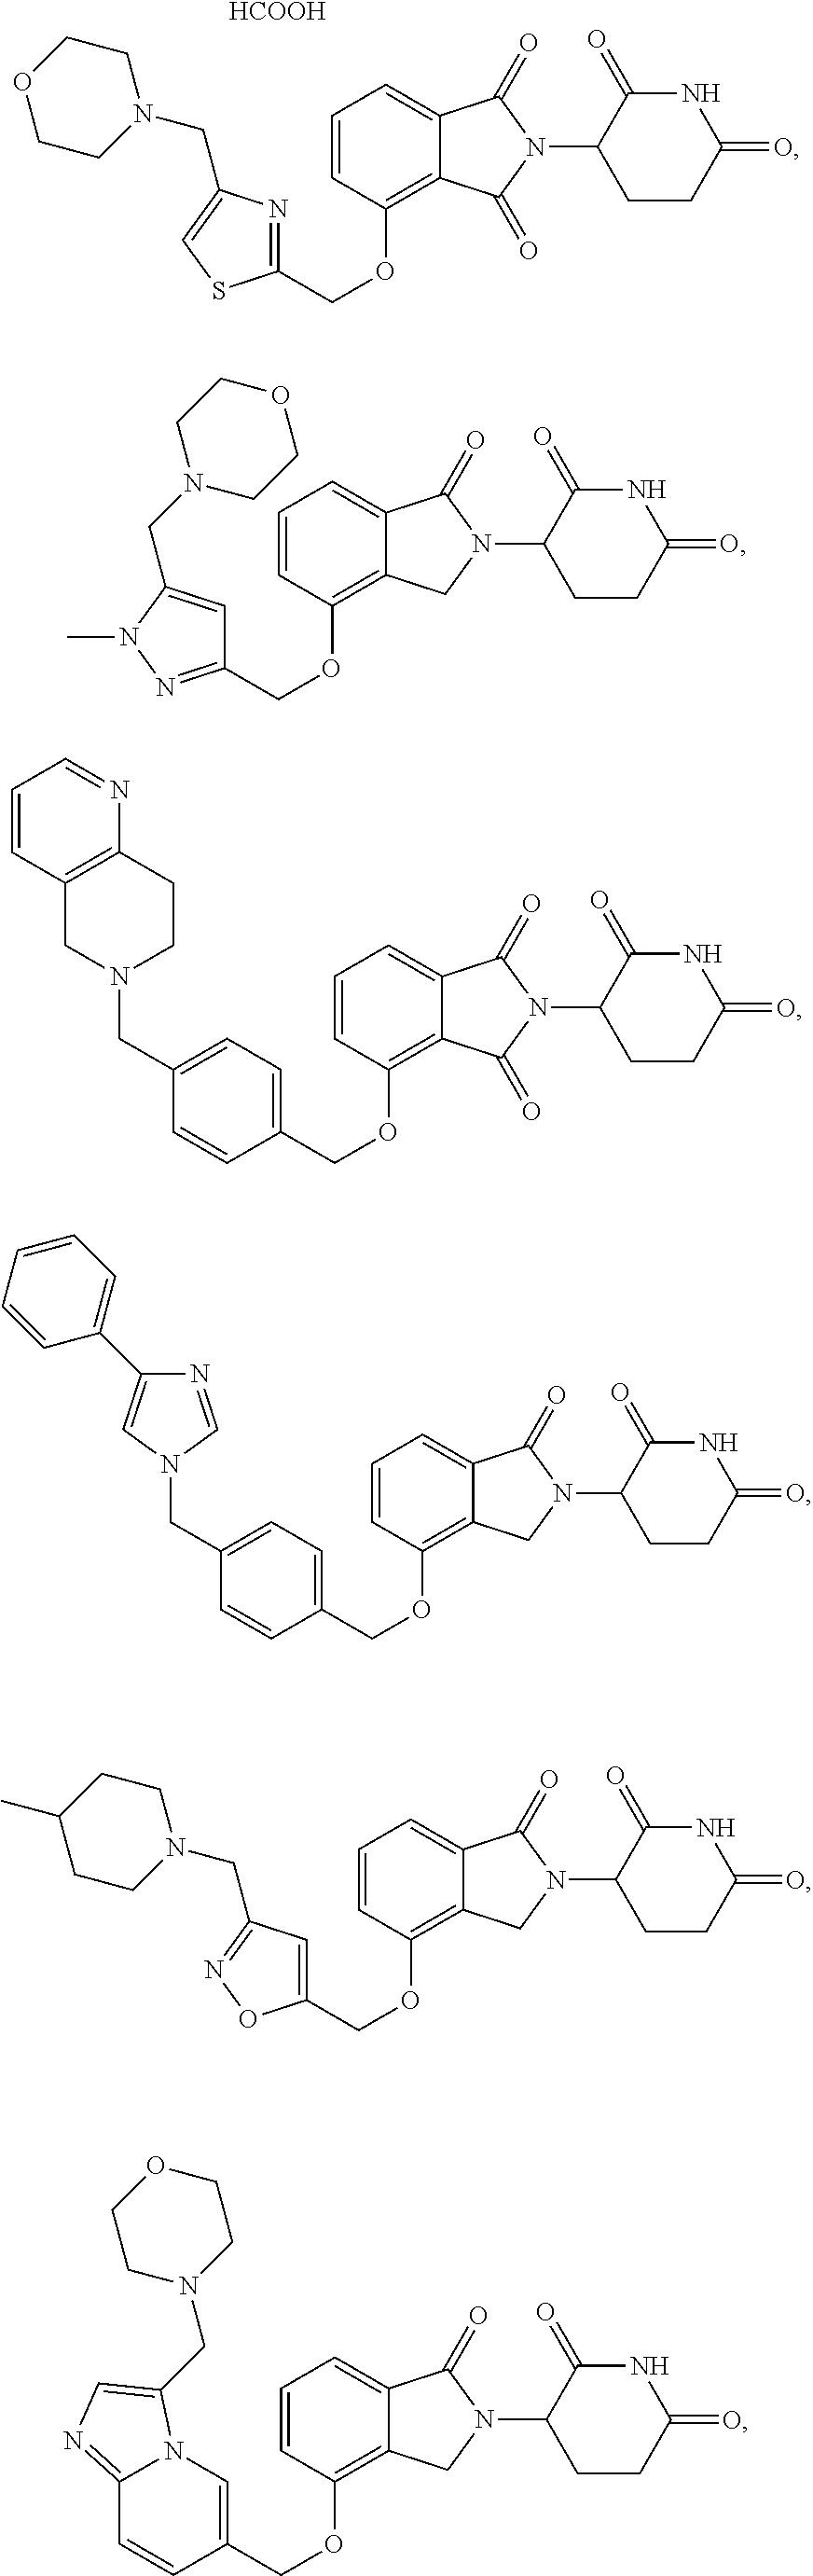 Figure US09587281-20170307-C00055